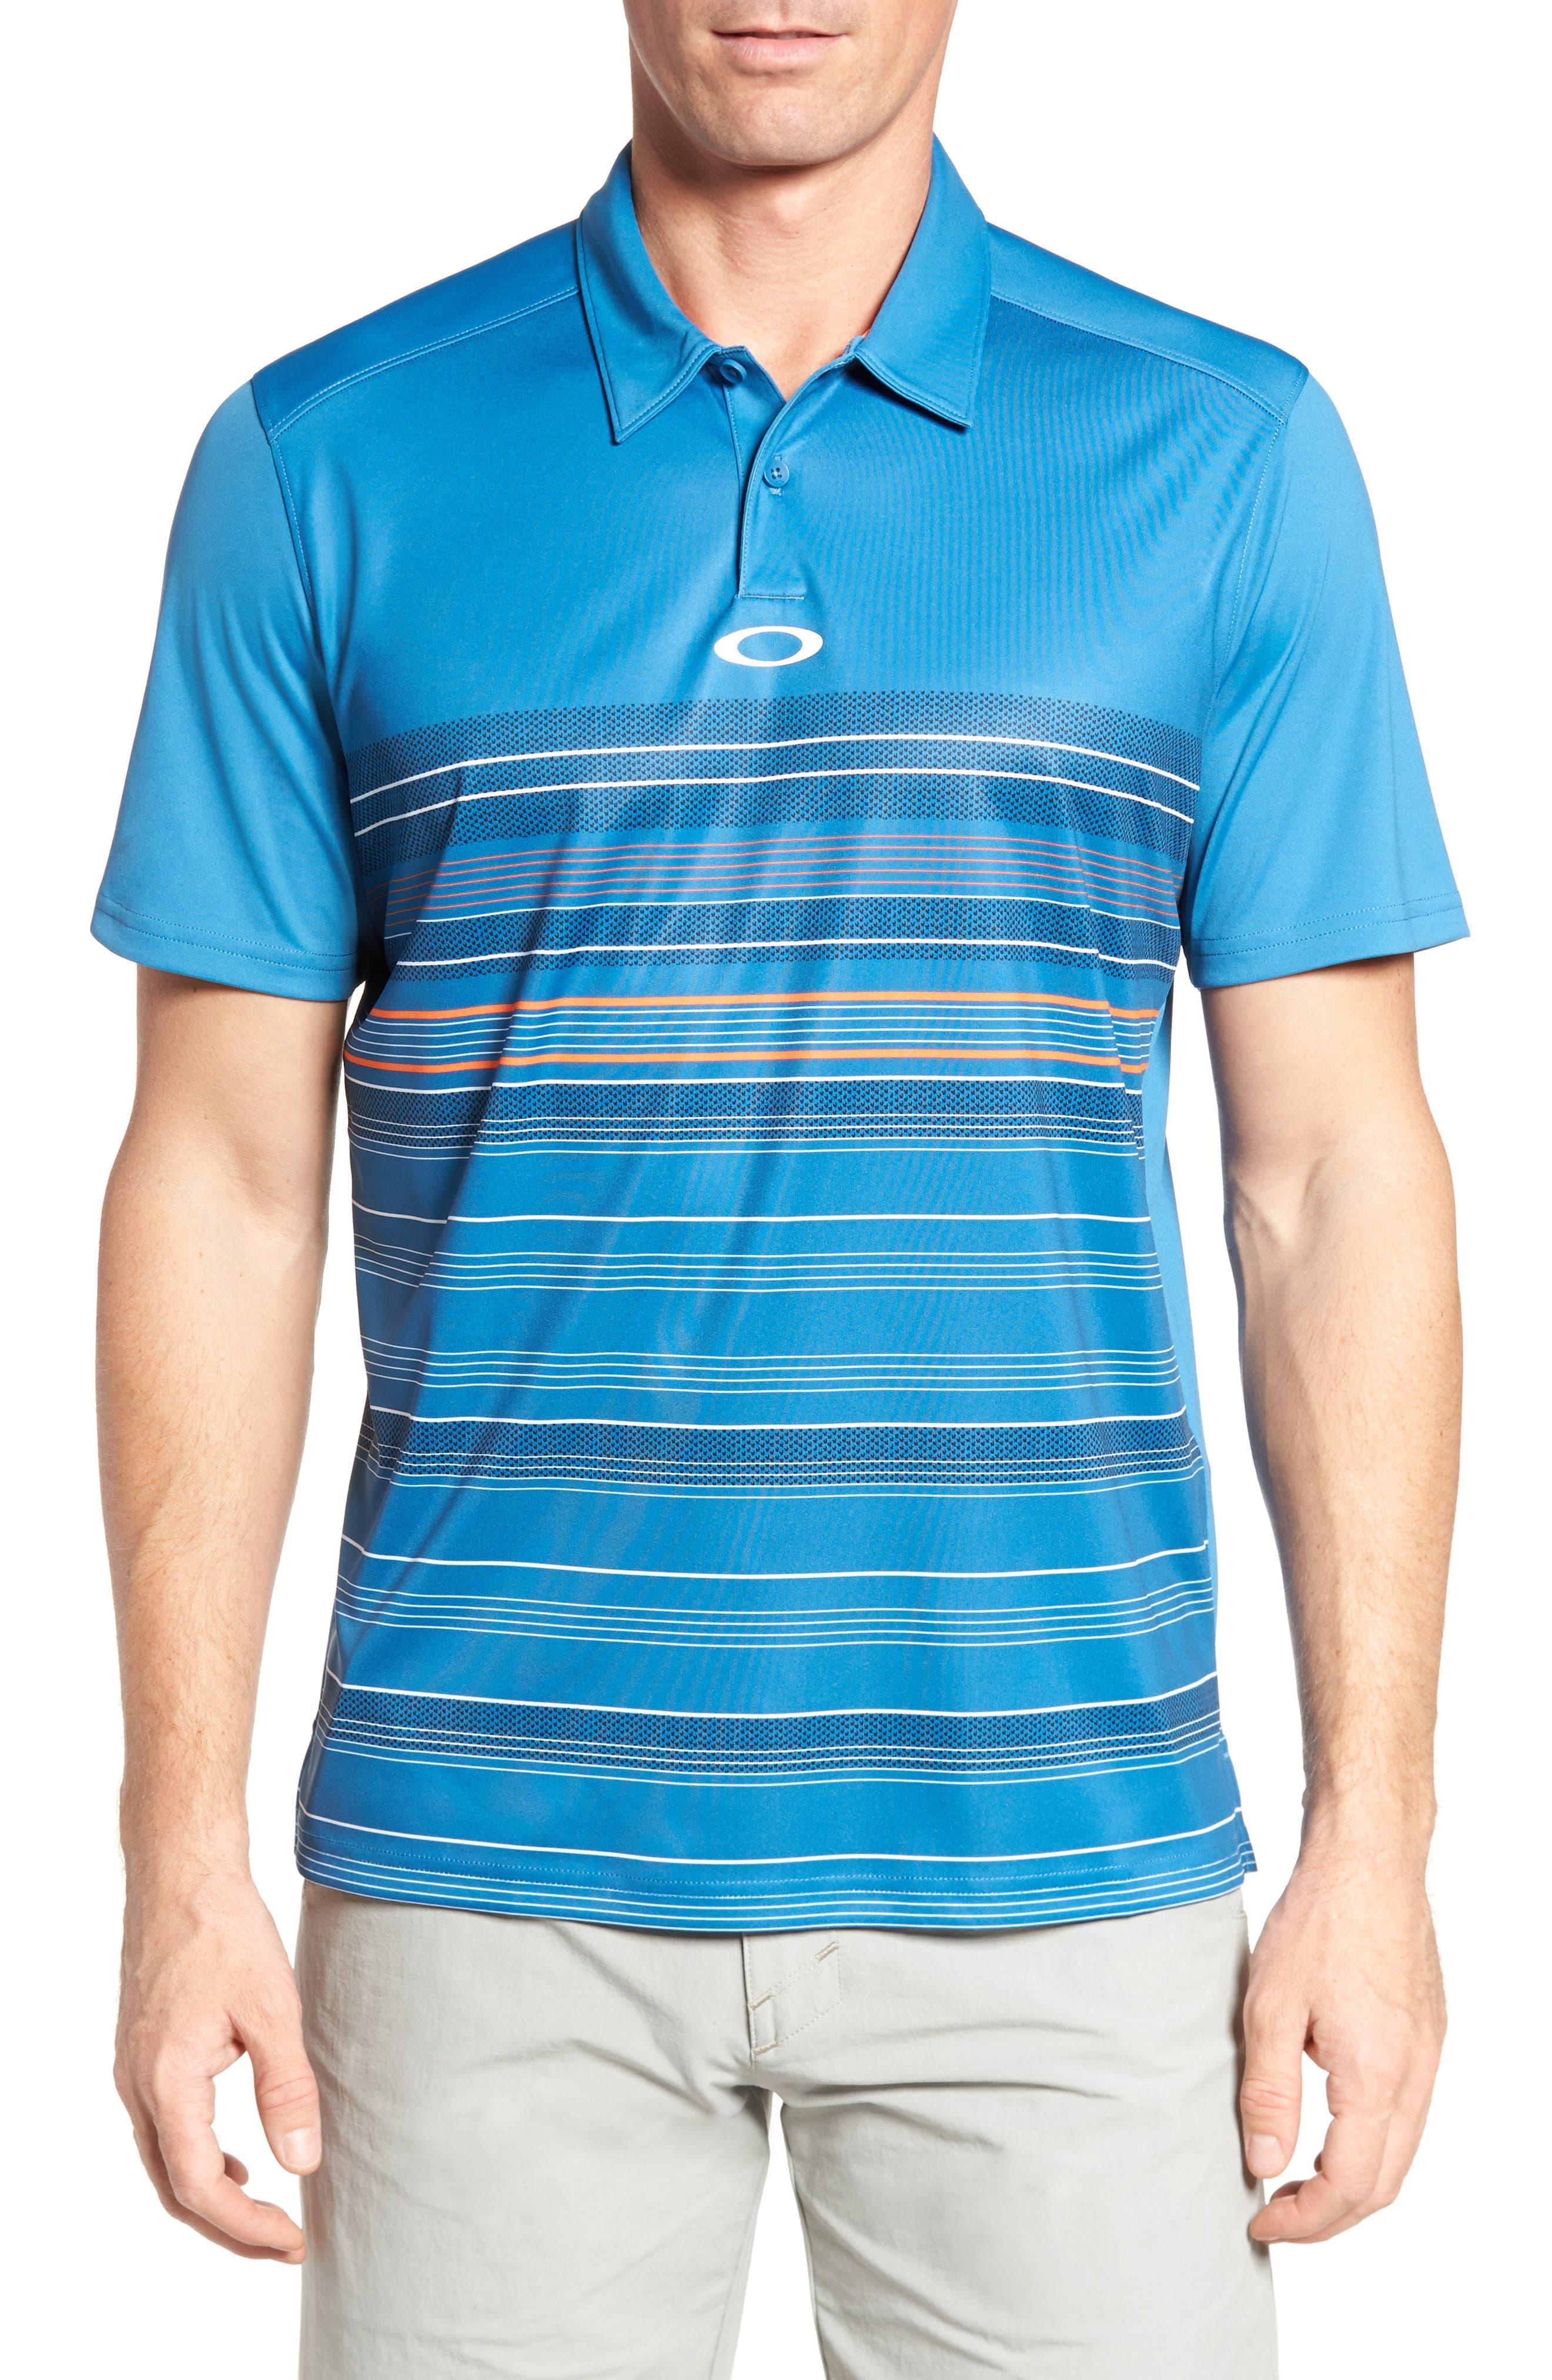 Oakley High Crest Polo Shirt